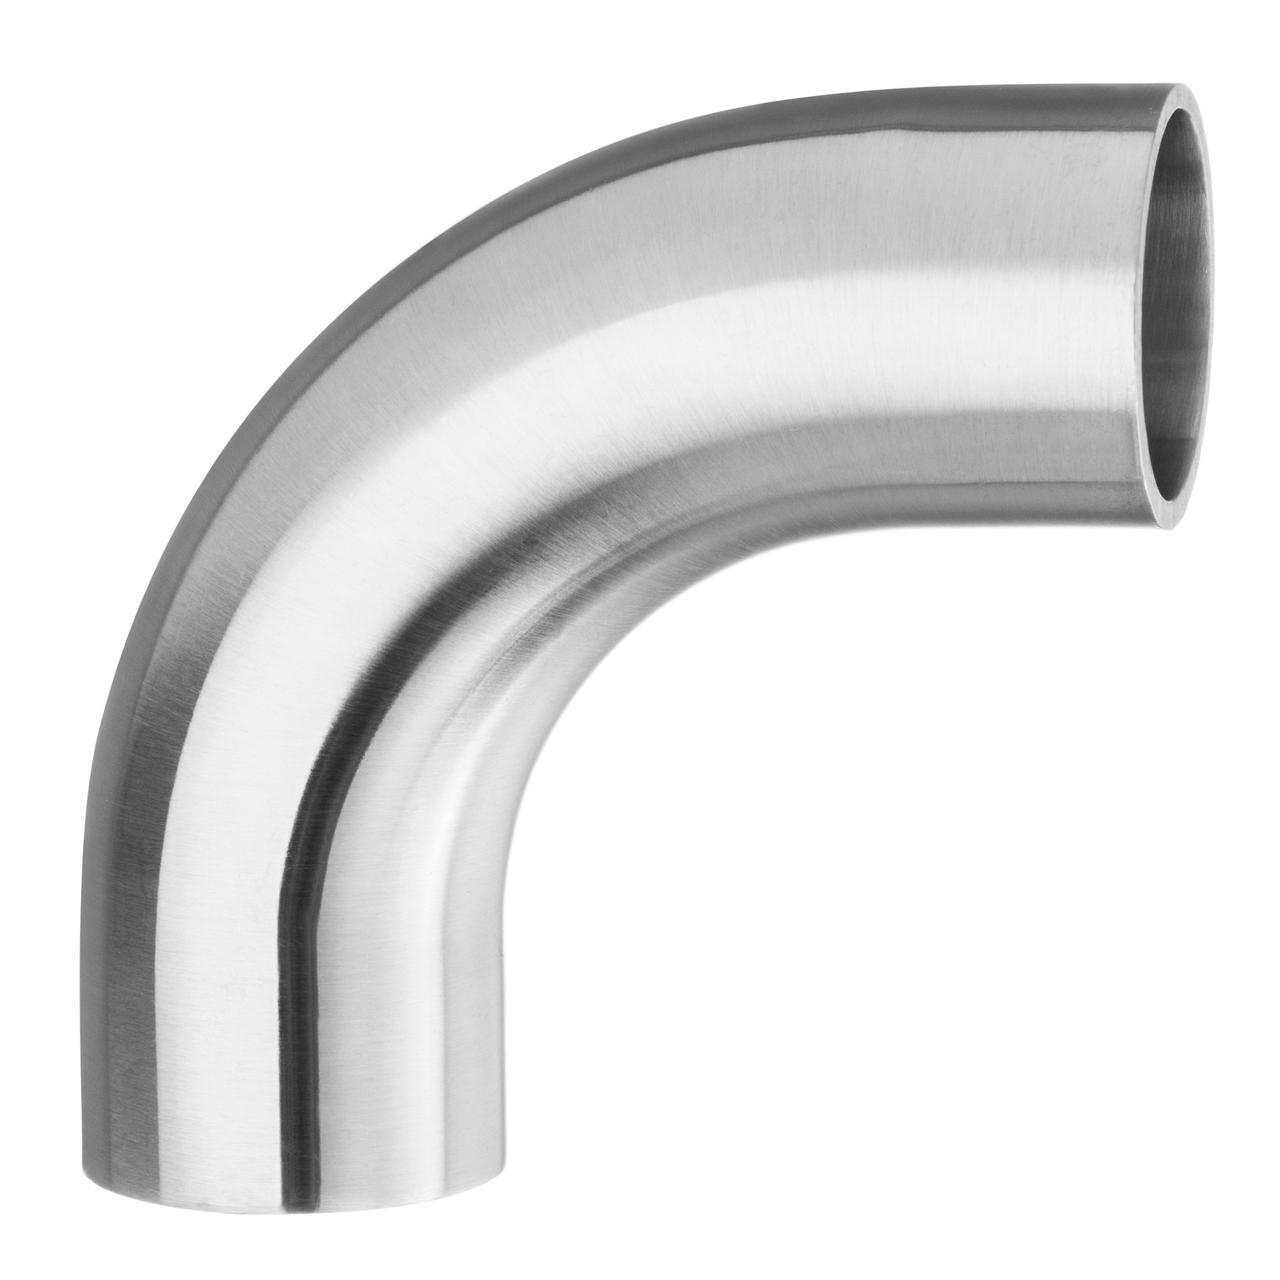 Угол отвода 90 градусов приварной (труба 50,8 мм)